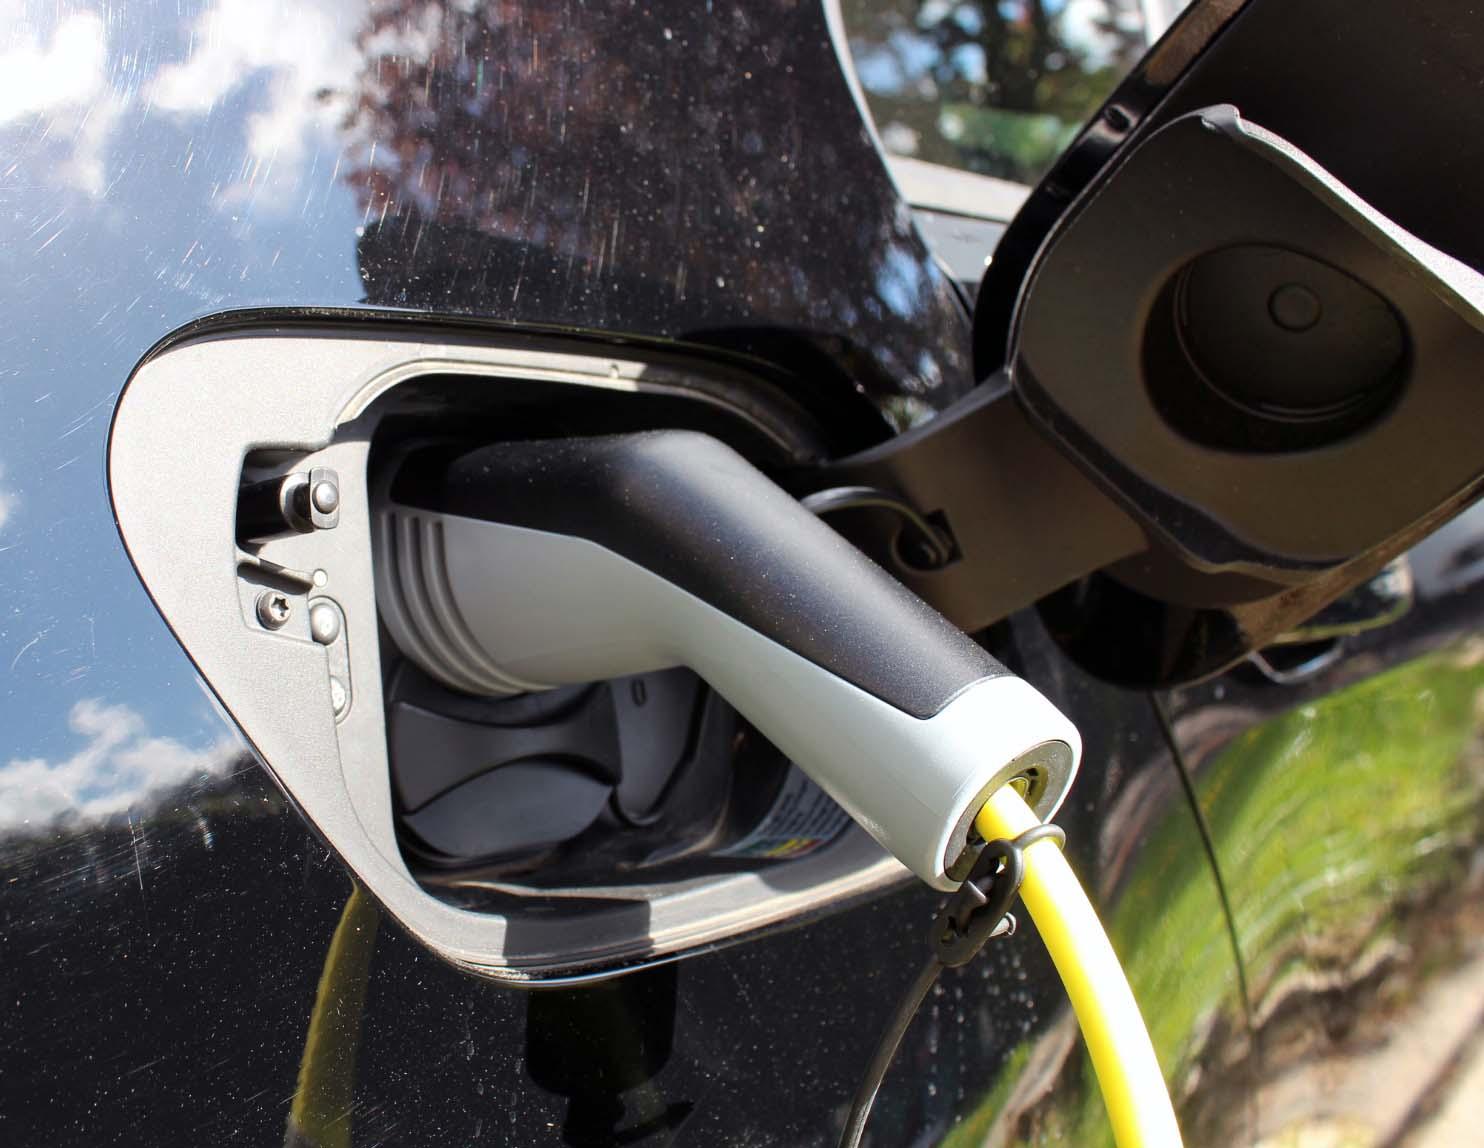 electric cars, EVr Go Electric, dadbloguk, dadbloguk.com, school run dad